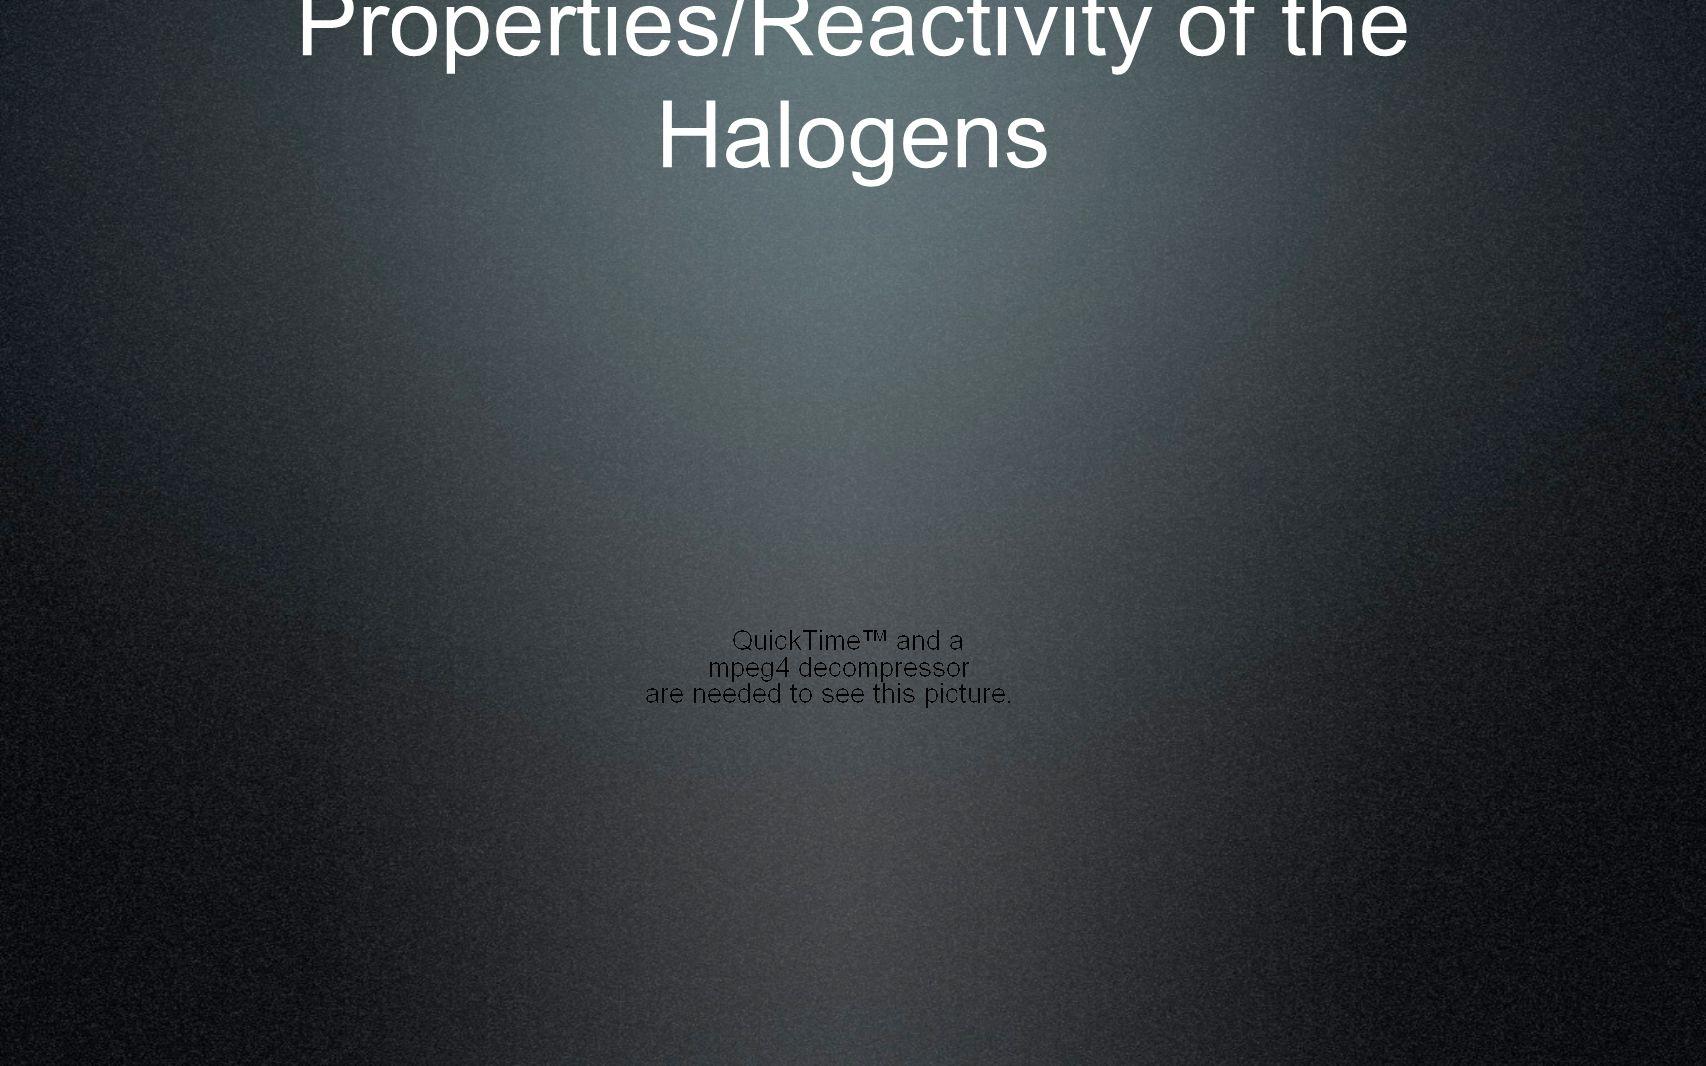 Properties/Reactivity of the Halogens